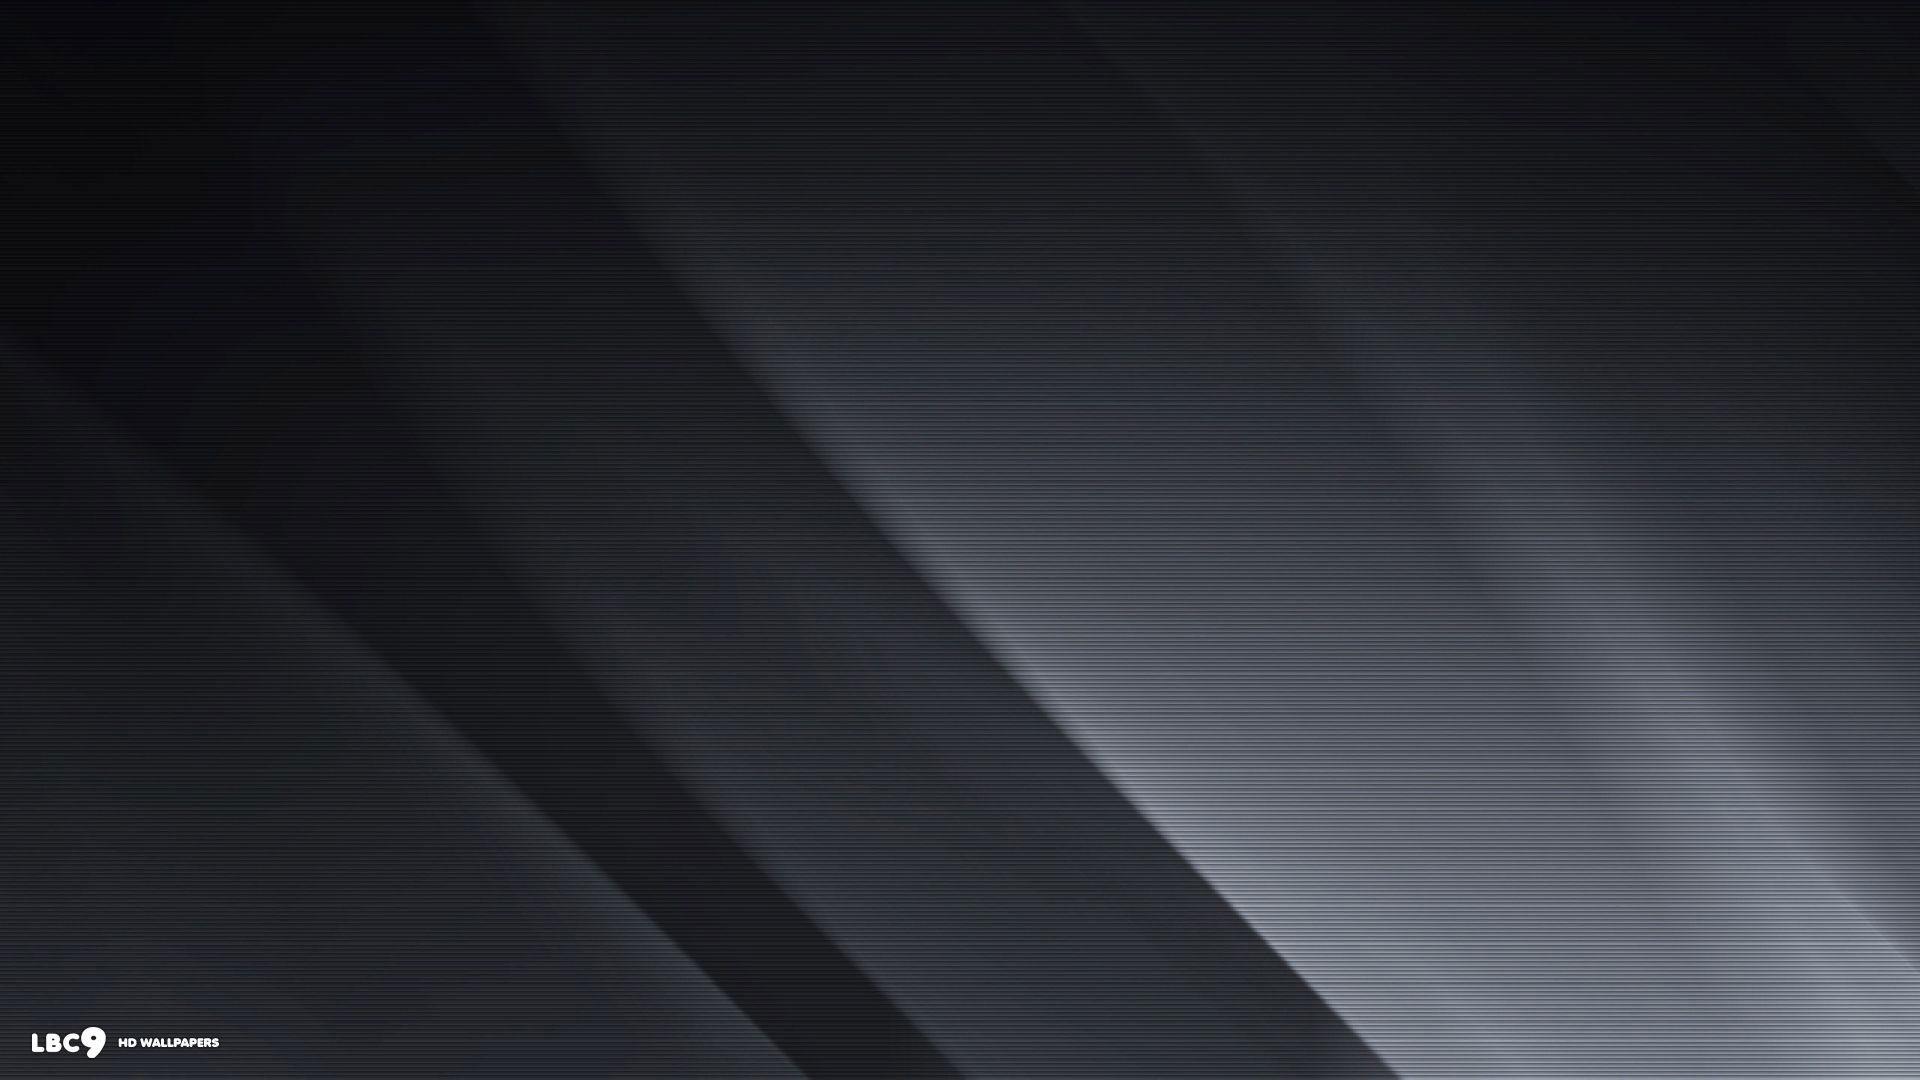 abstract background dark